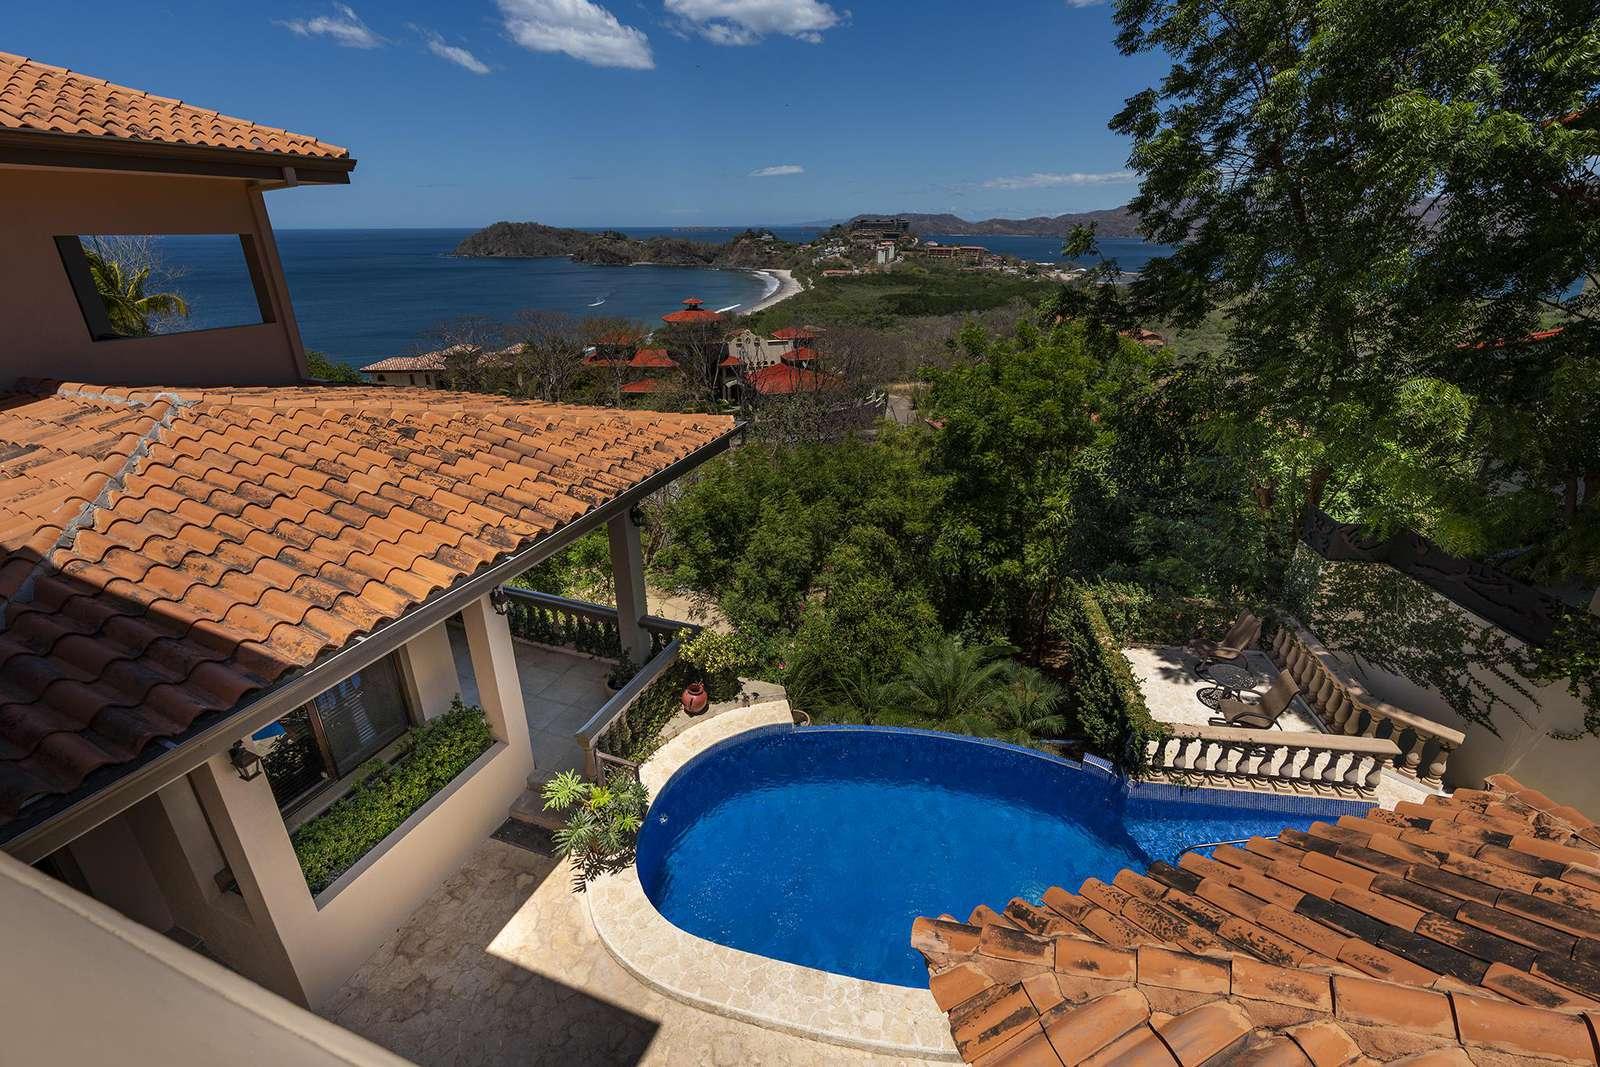 View of pool, amazing ocean views